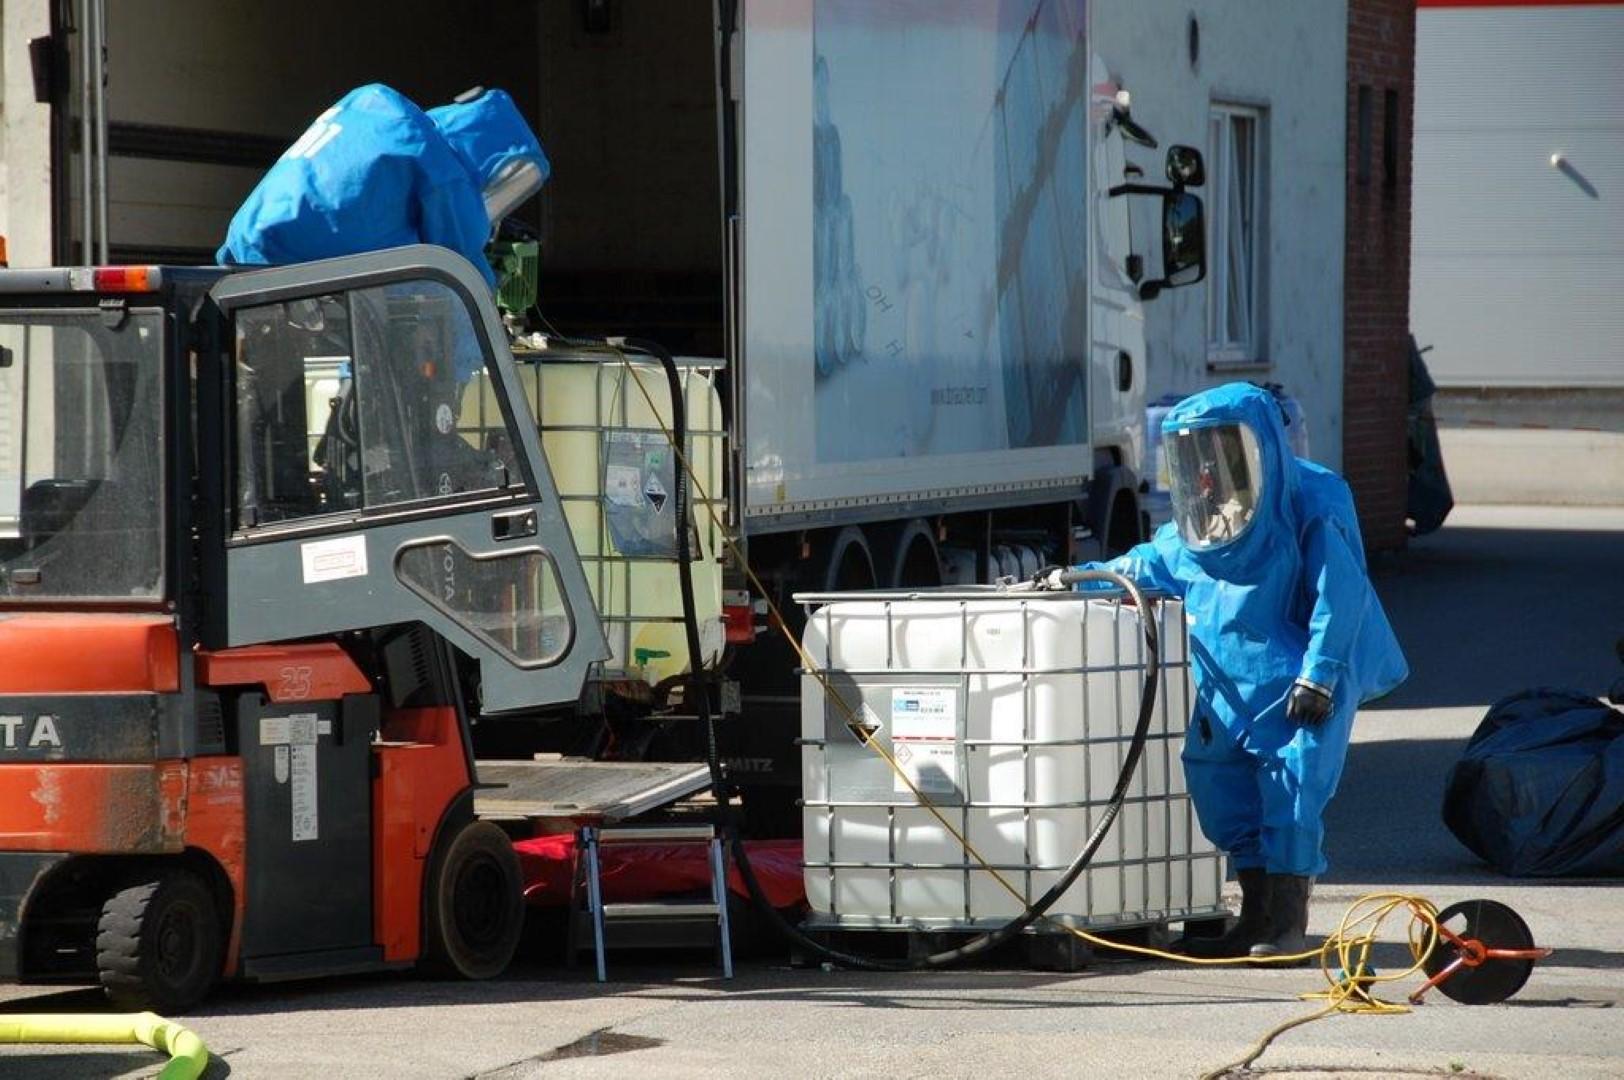 2017.09.14. Schadstoffeinsatz Molkerei Pöggstall (46) (Large)